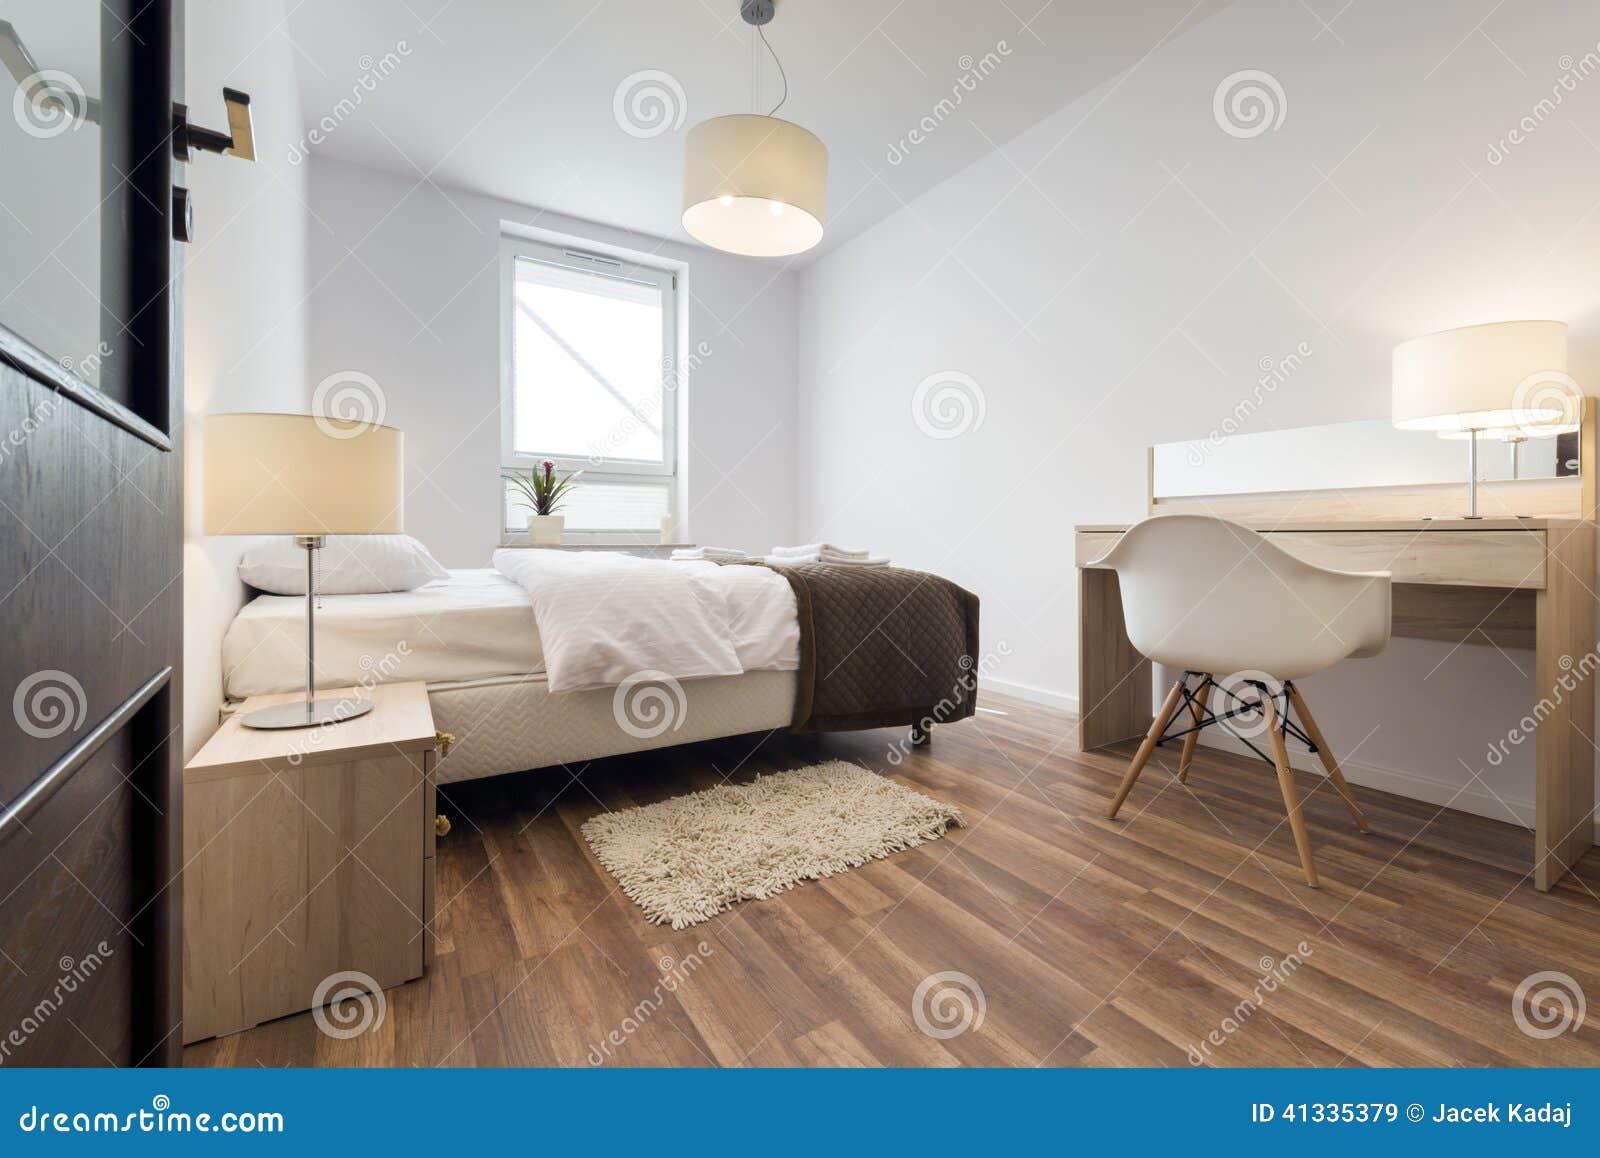 Intérieur Moderne De Chambre à Coucher Image stock - Image du ...